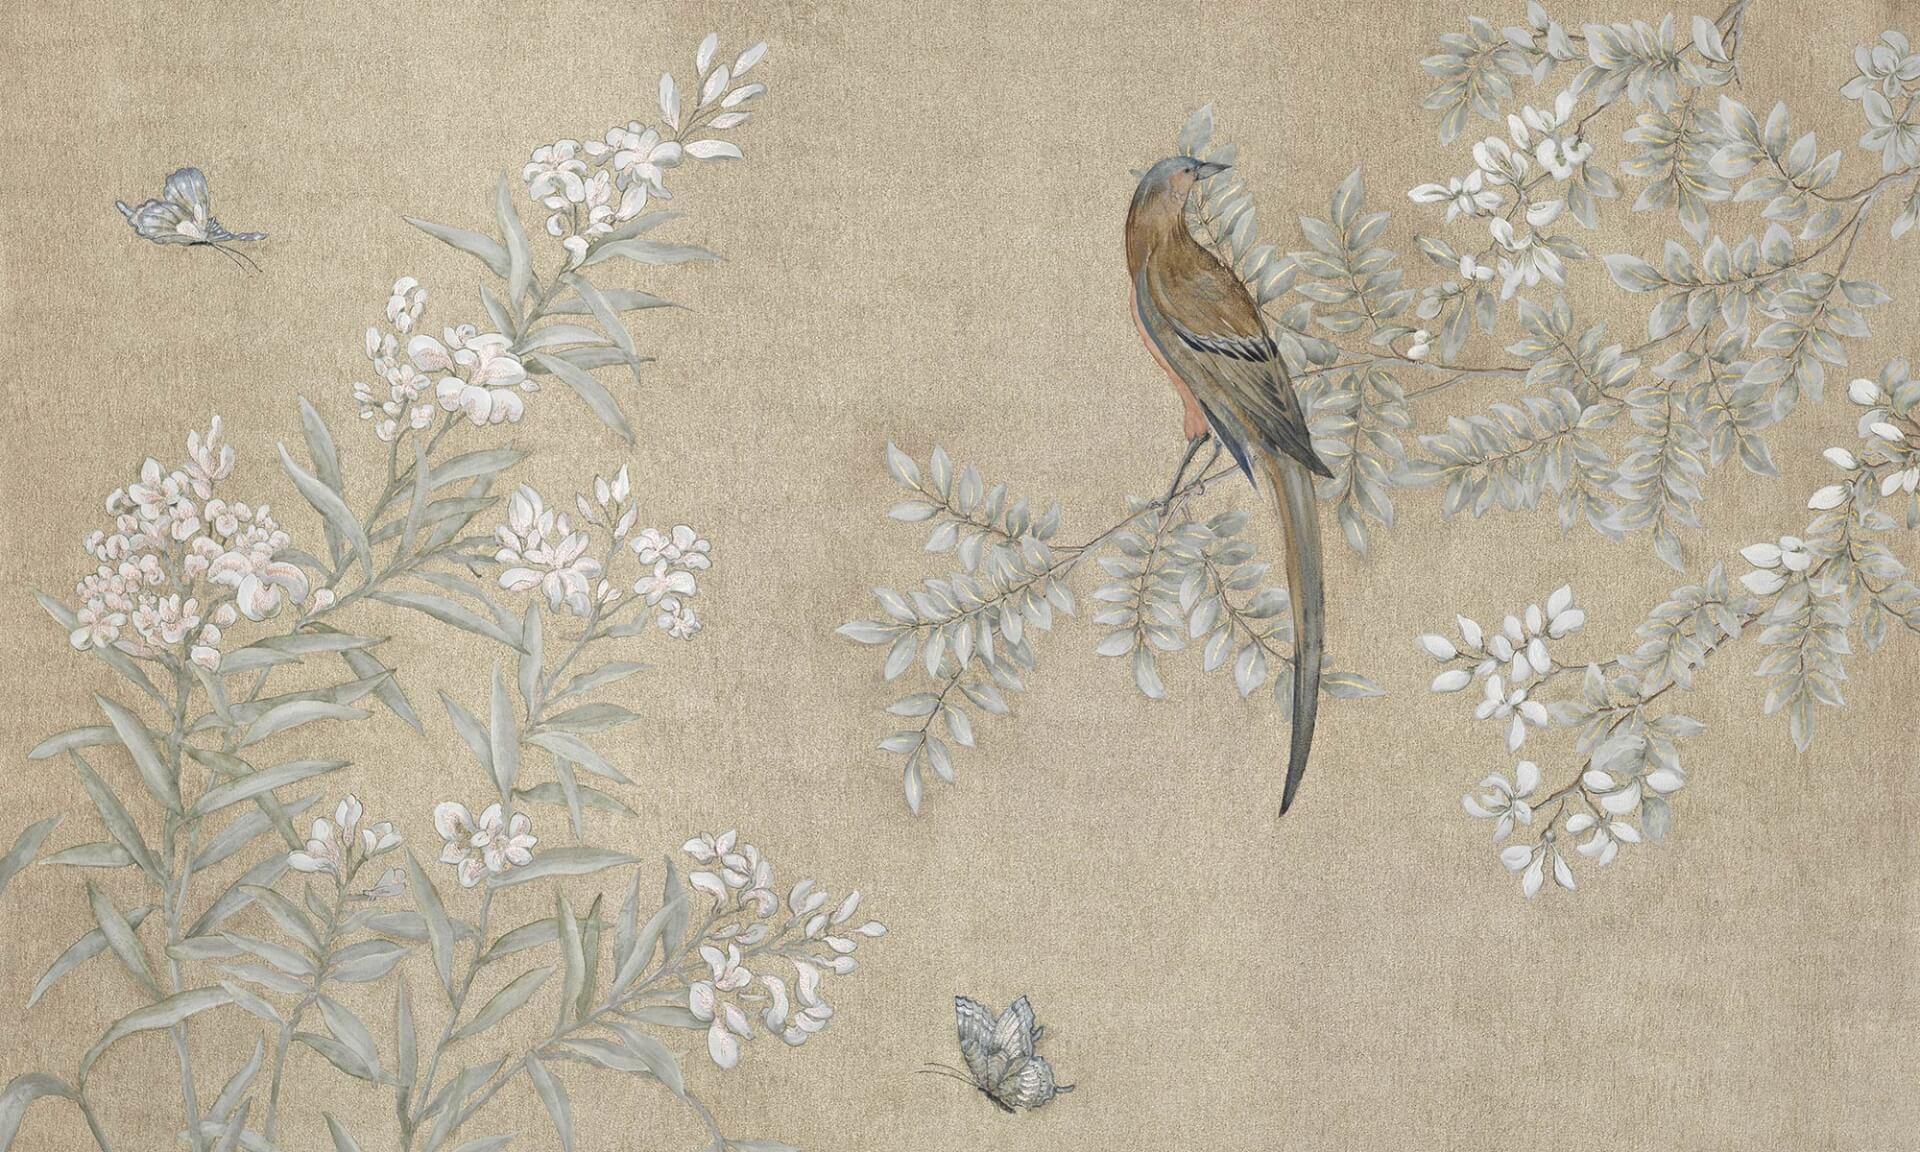 Zo 235 Design Hand Painted Chinoiserie Mural Wallpaper